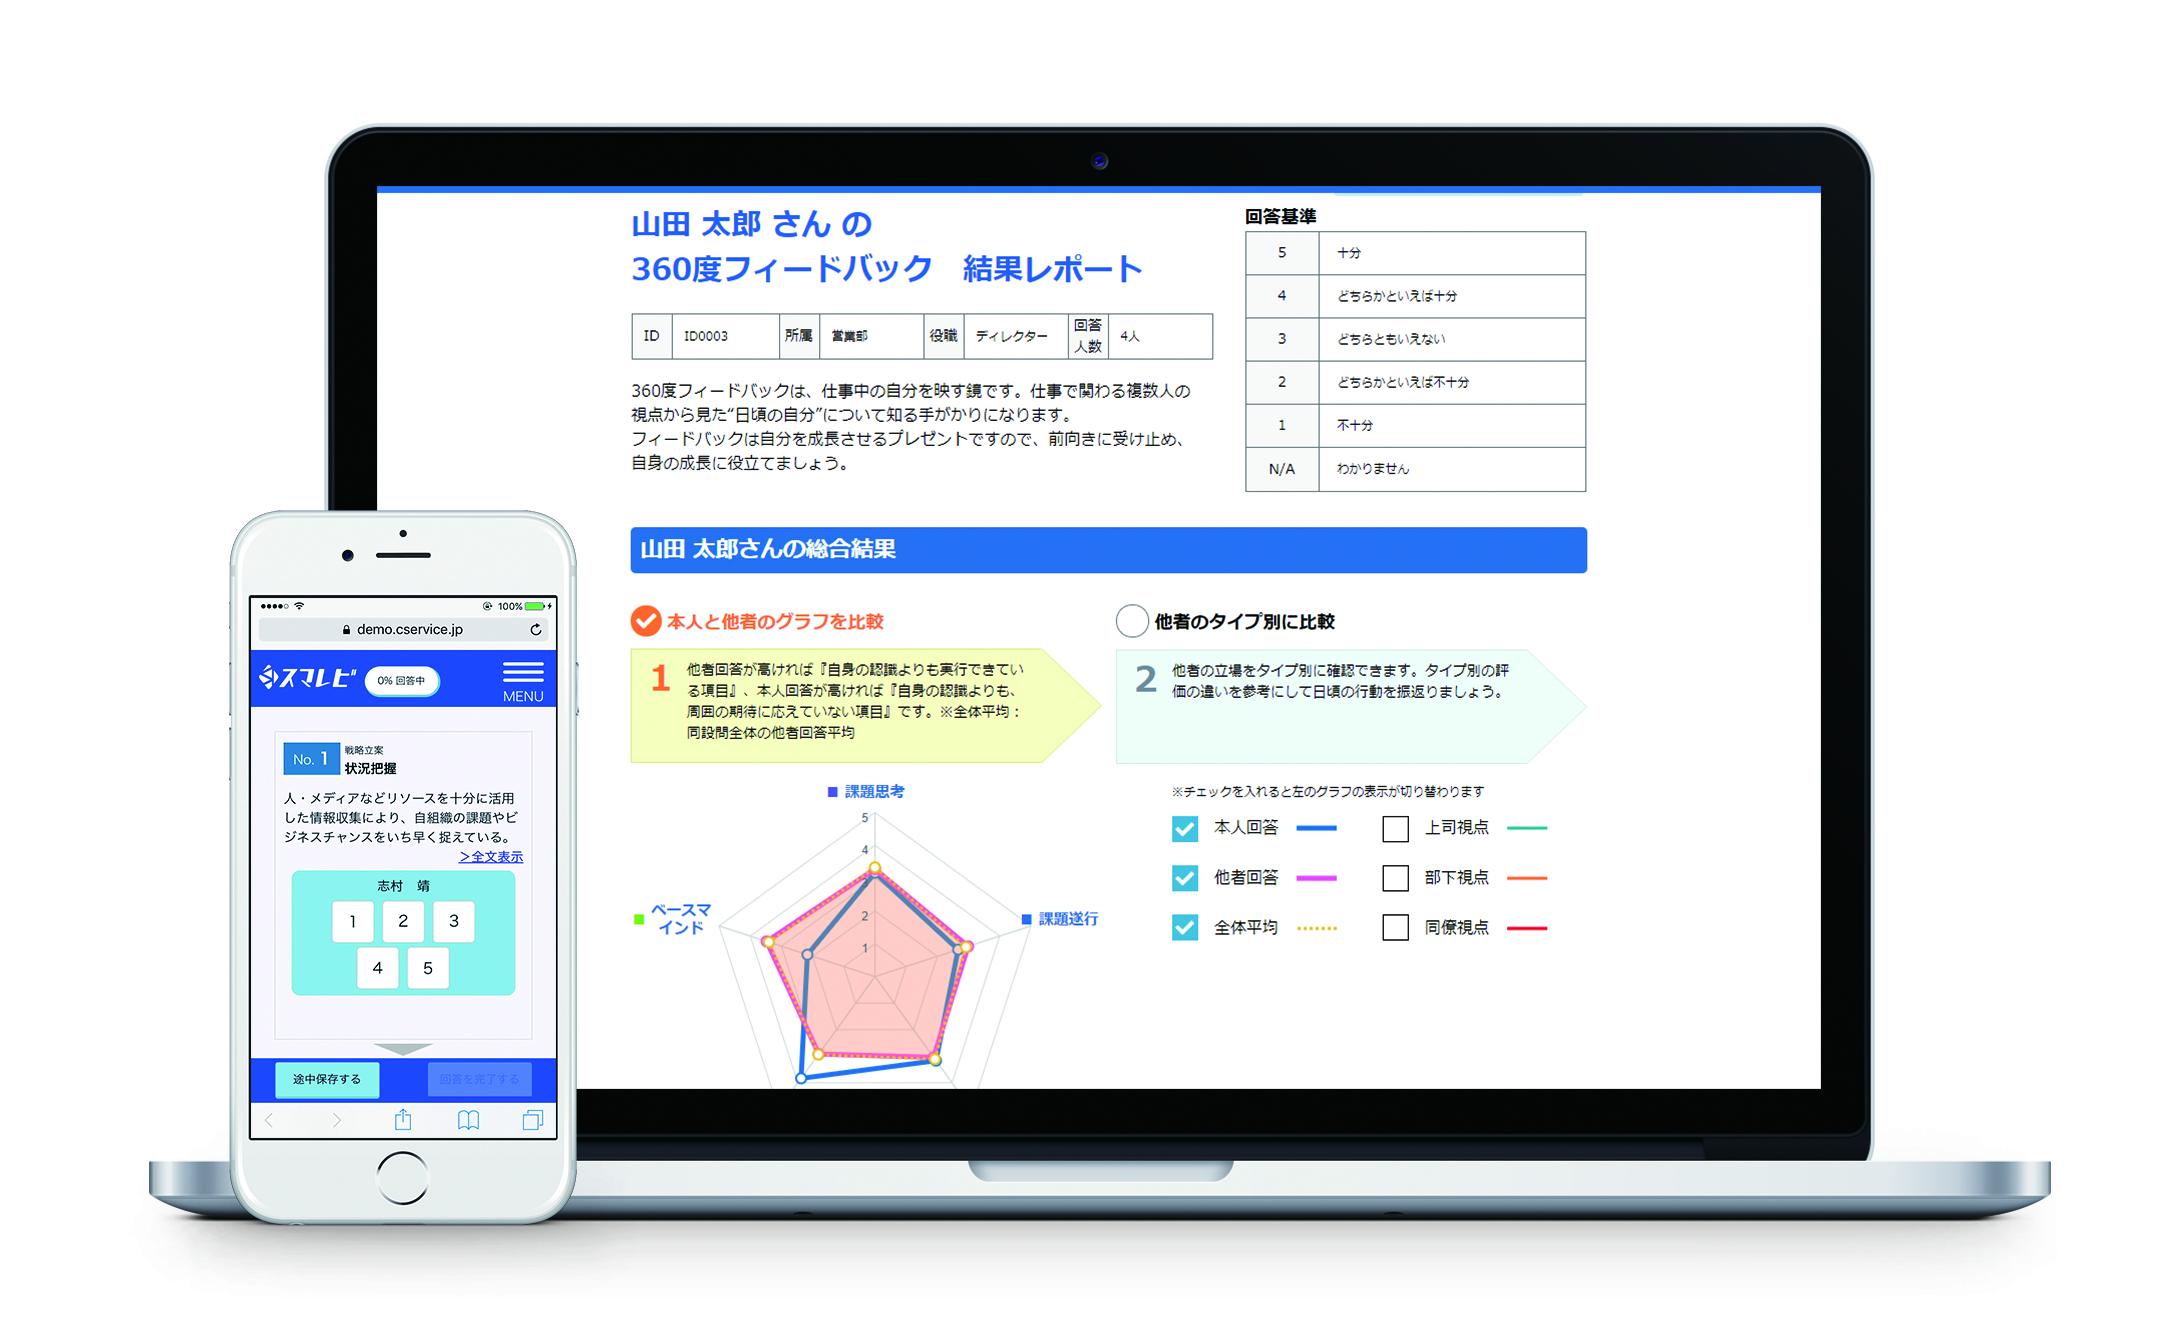 クラウド型360度評価支援システム【スマレビ for 360°】